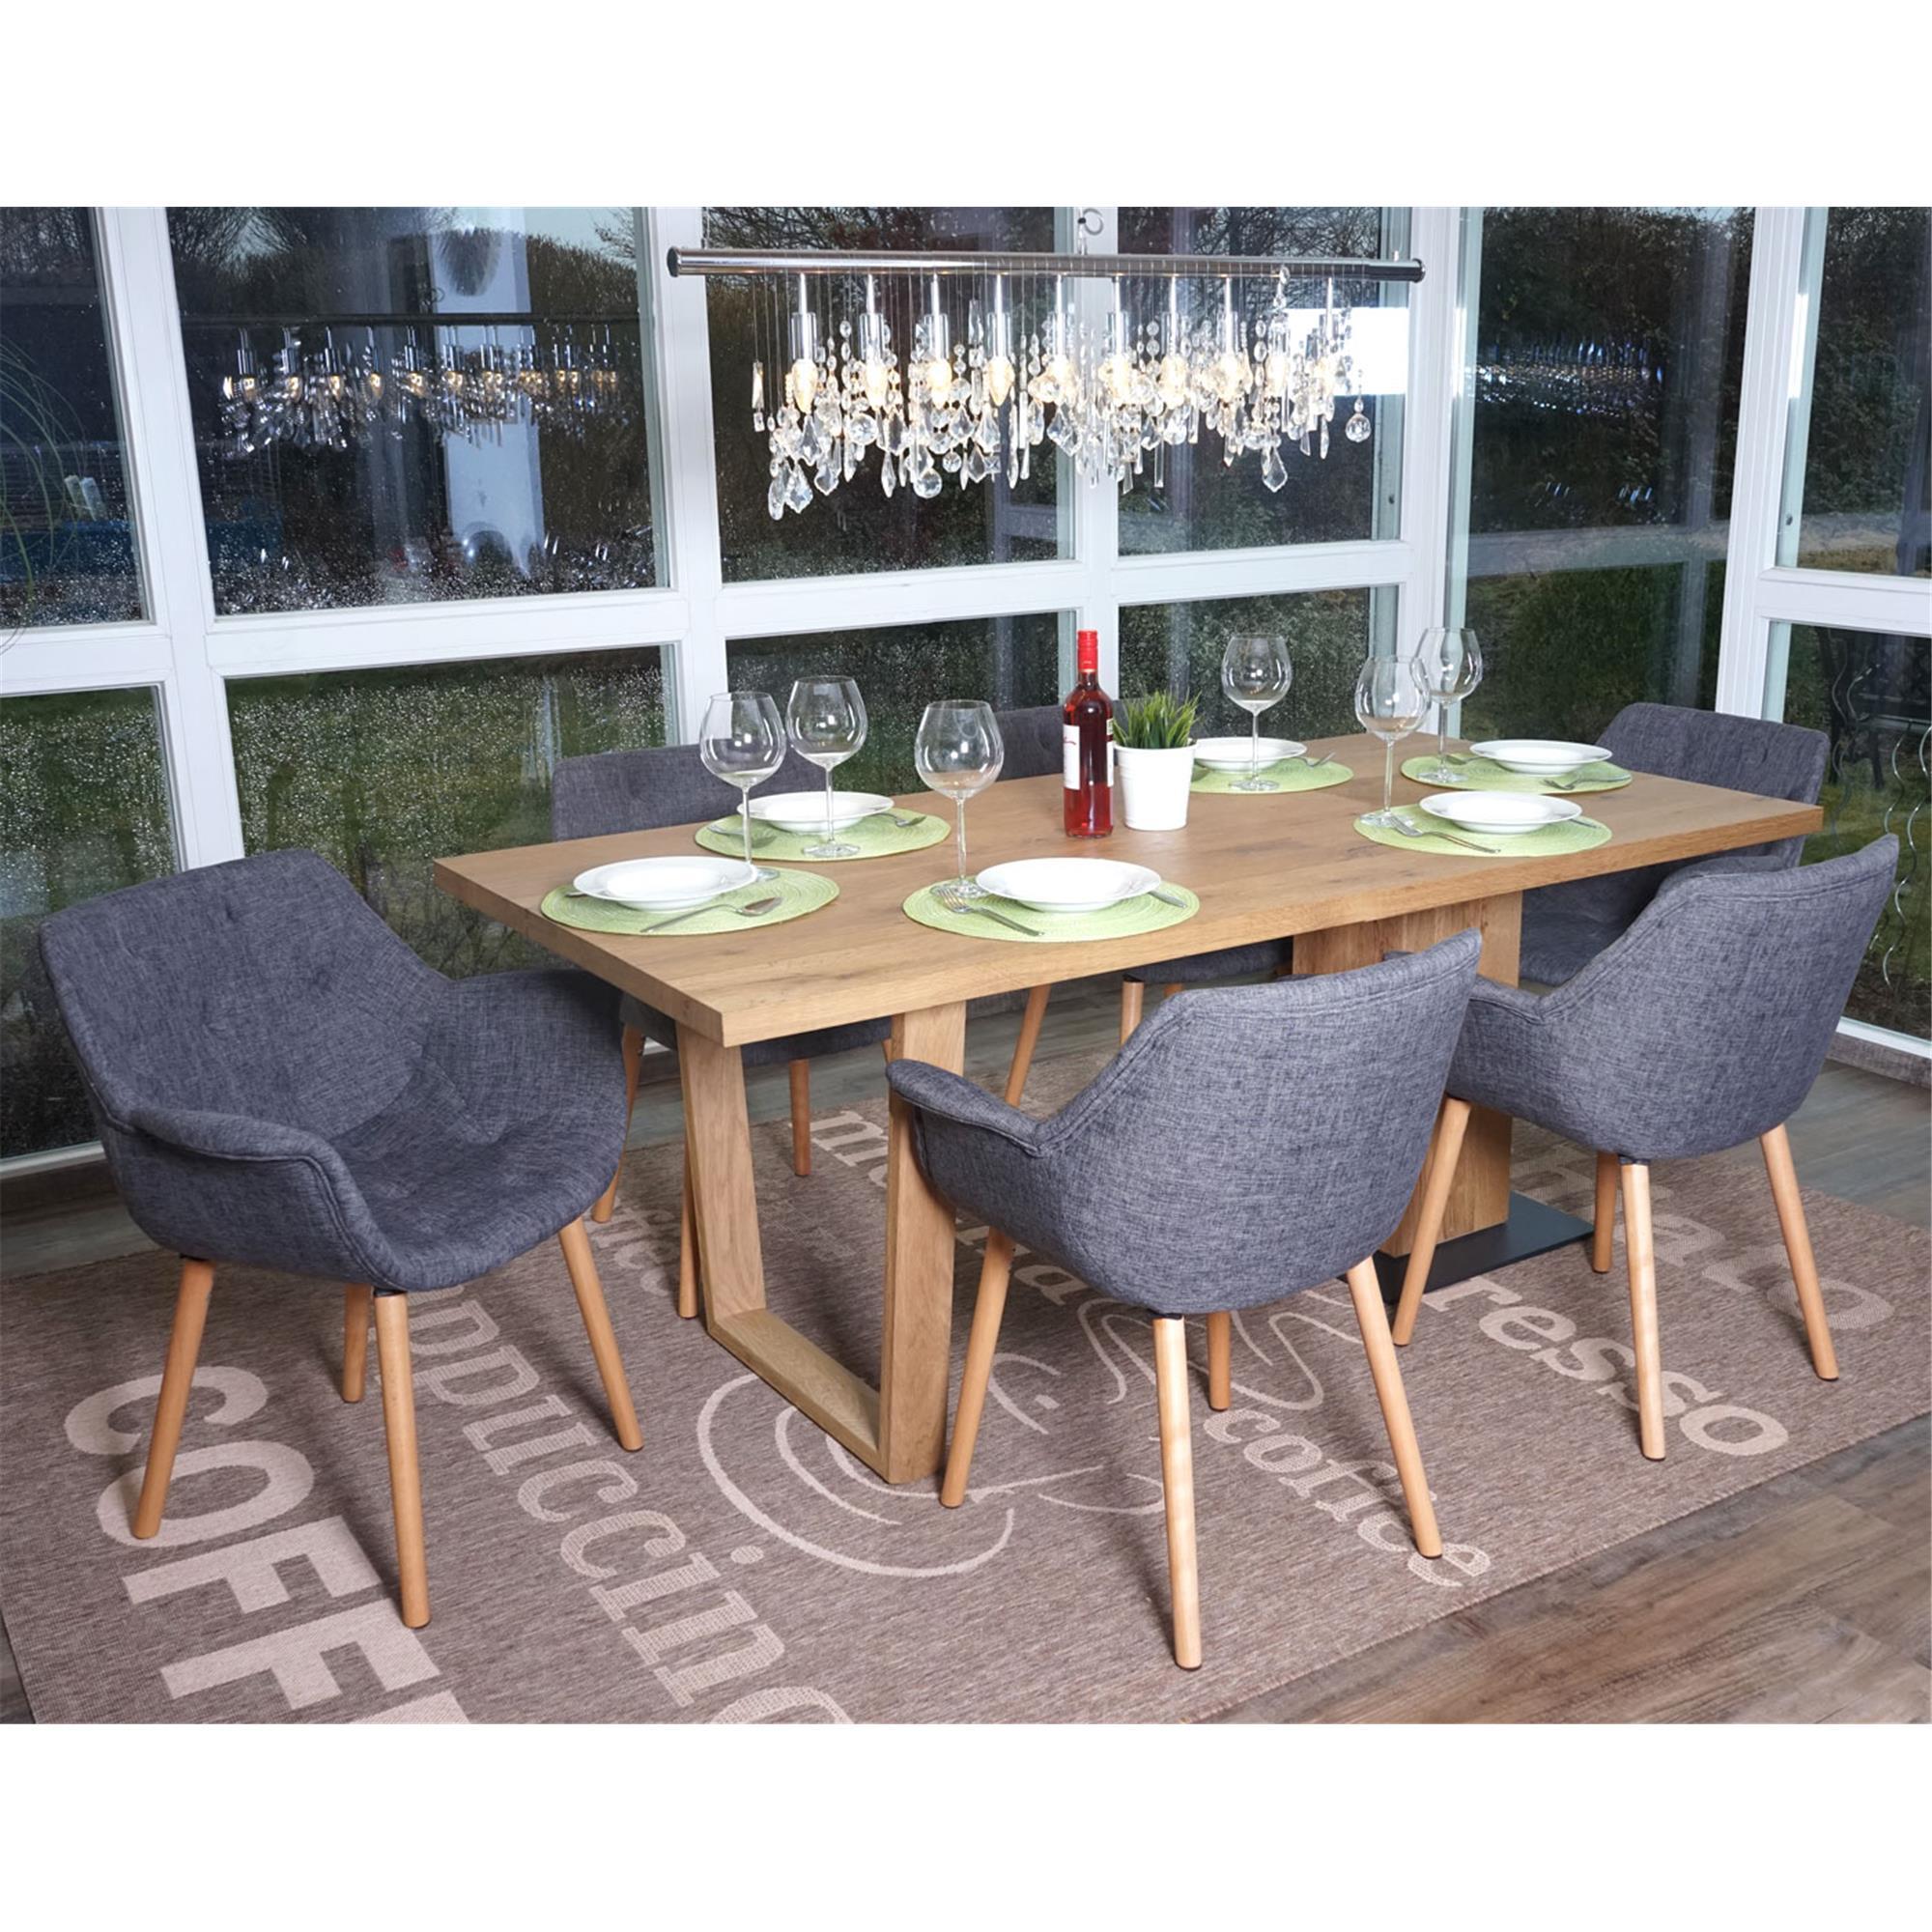 Lote 4 sillas de comedor alber tela estilo retro en gris for Sillas comedor color gris